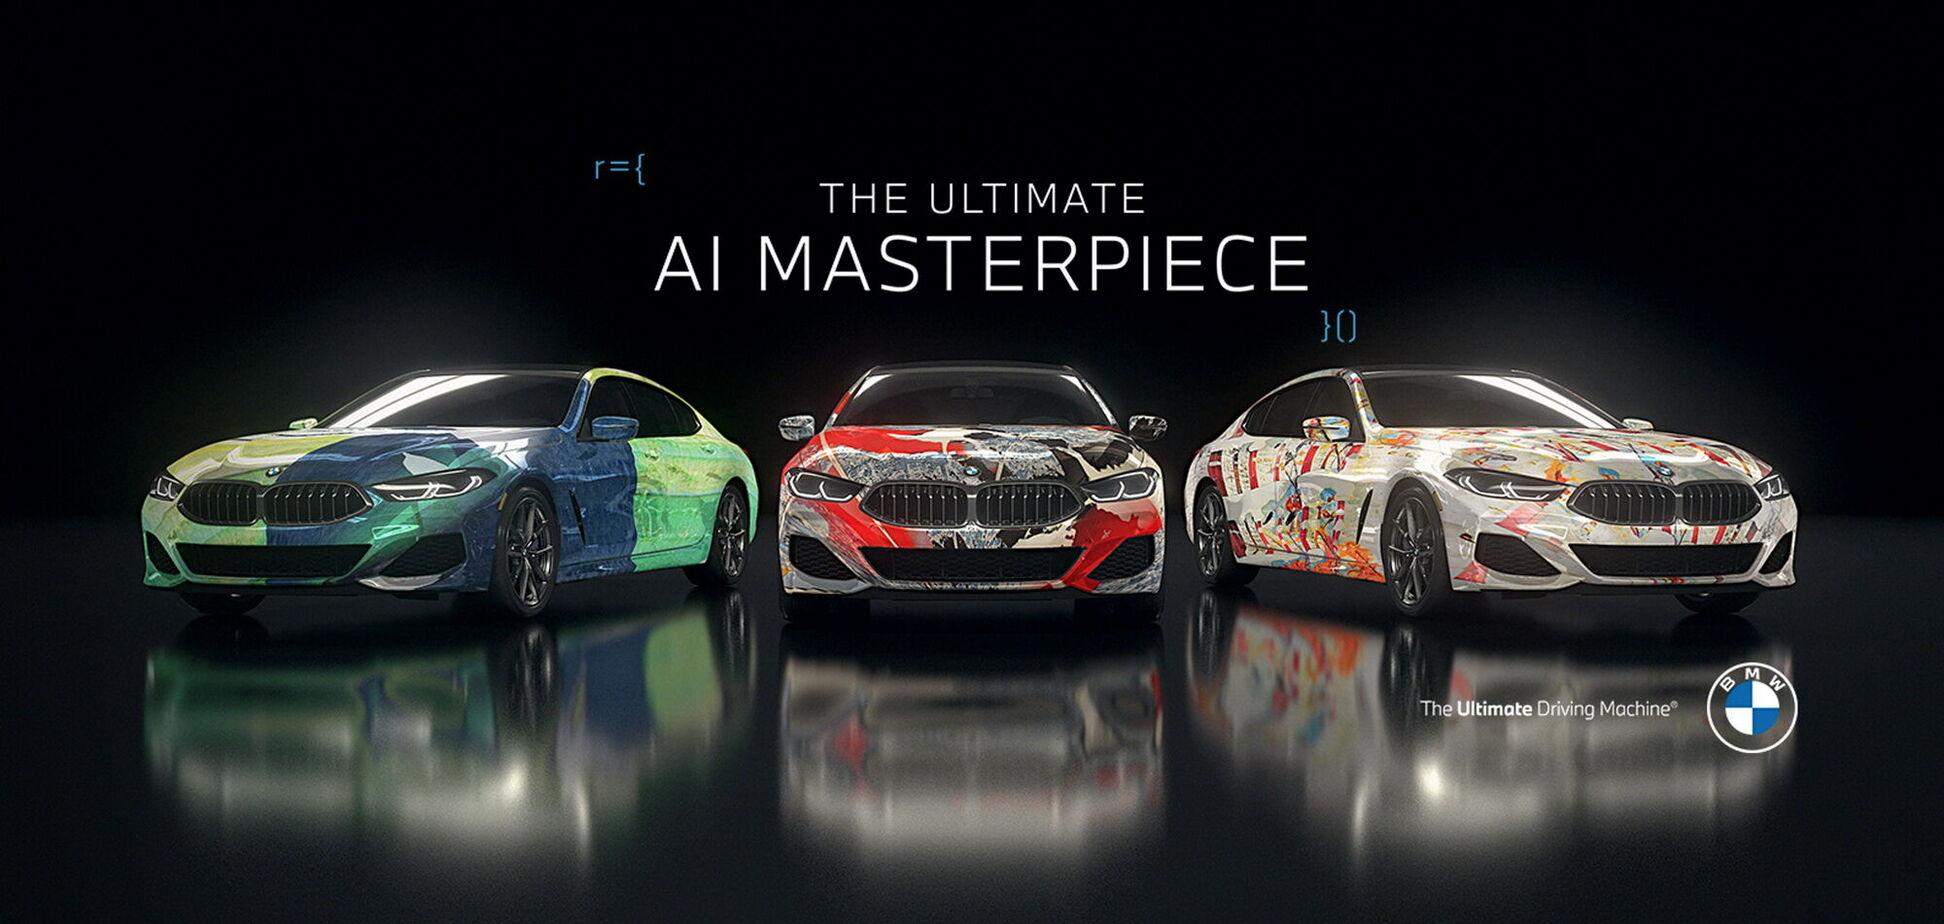 BMW покаже колекцію арт-карів, створених штучним інтелектом